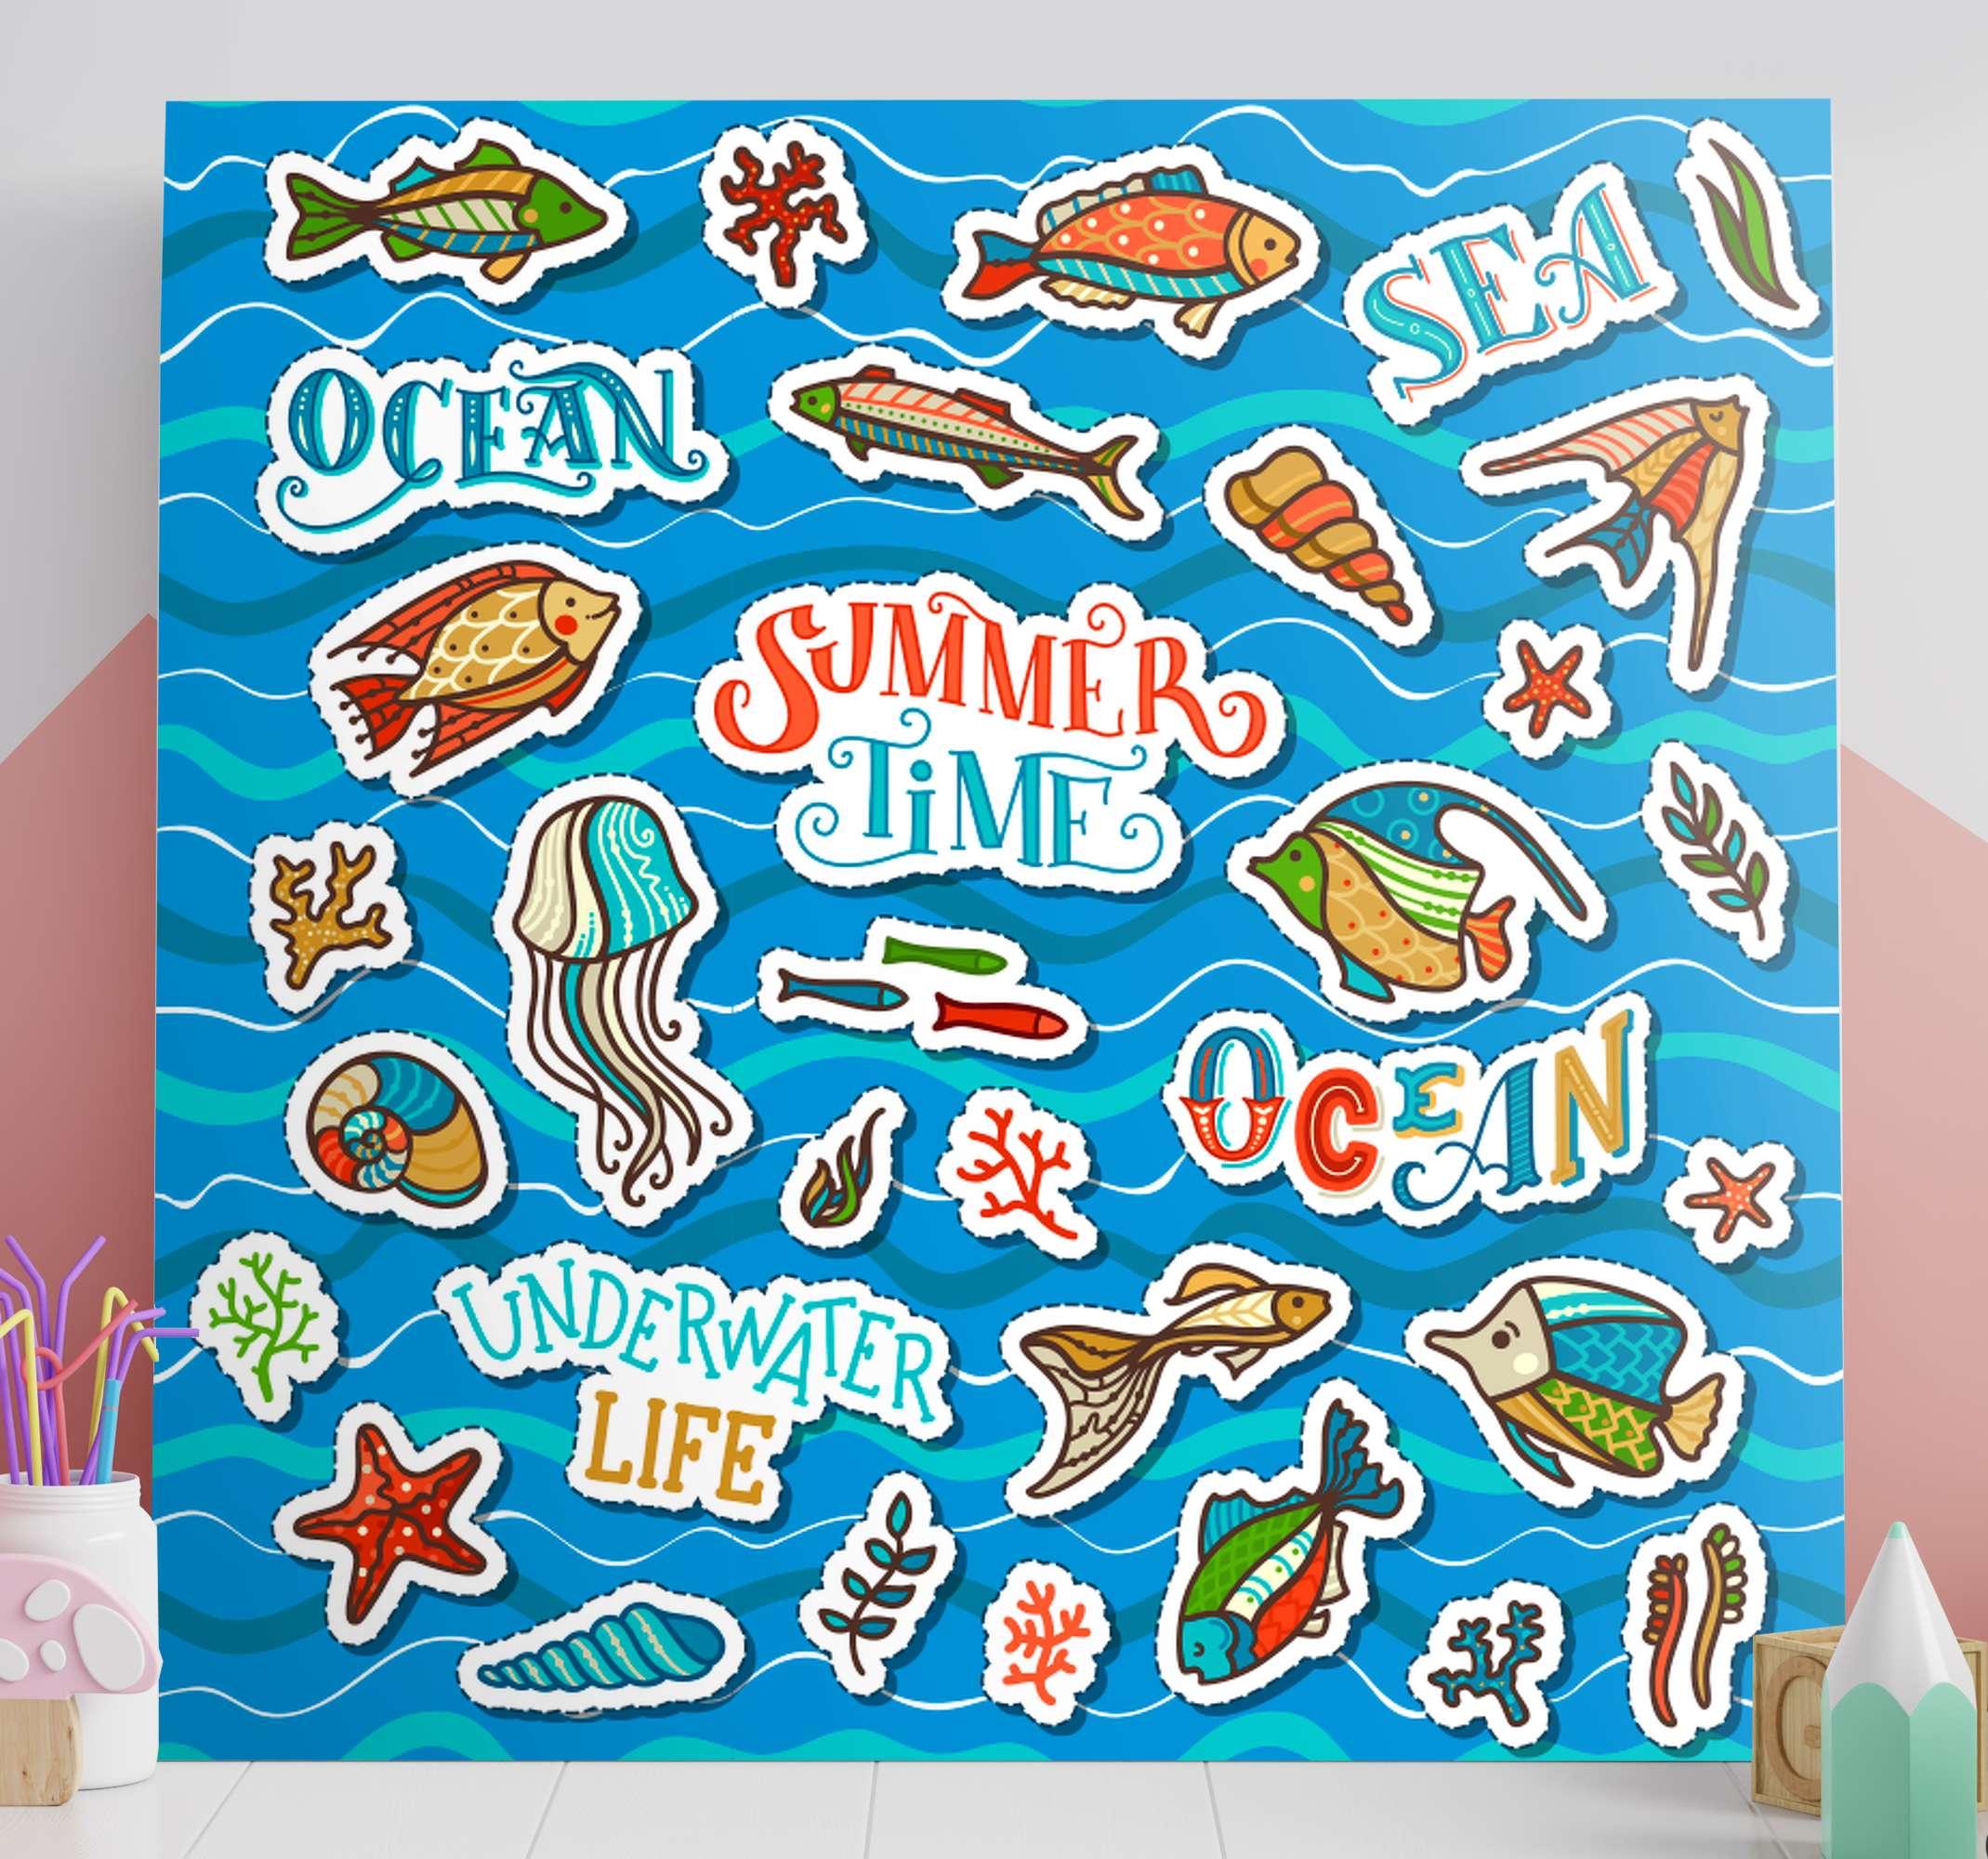 TenStickers. Dipinto per bambini Collage adesivo oceano. Stampa su tela per bambini che presenta molte immagini diverse sull'oceano, inclusi pesci, conchiglie e alghe. Scegli la tua taglia.